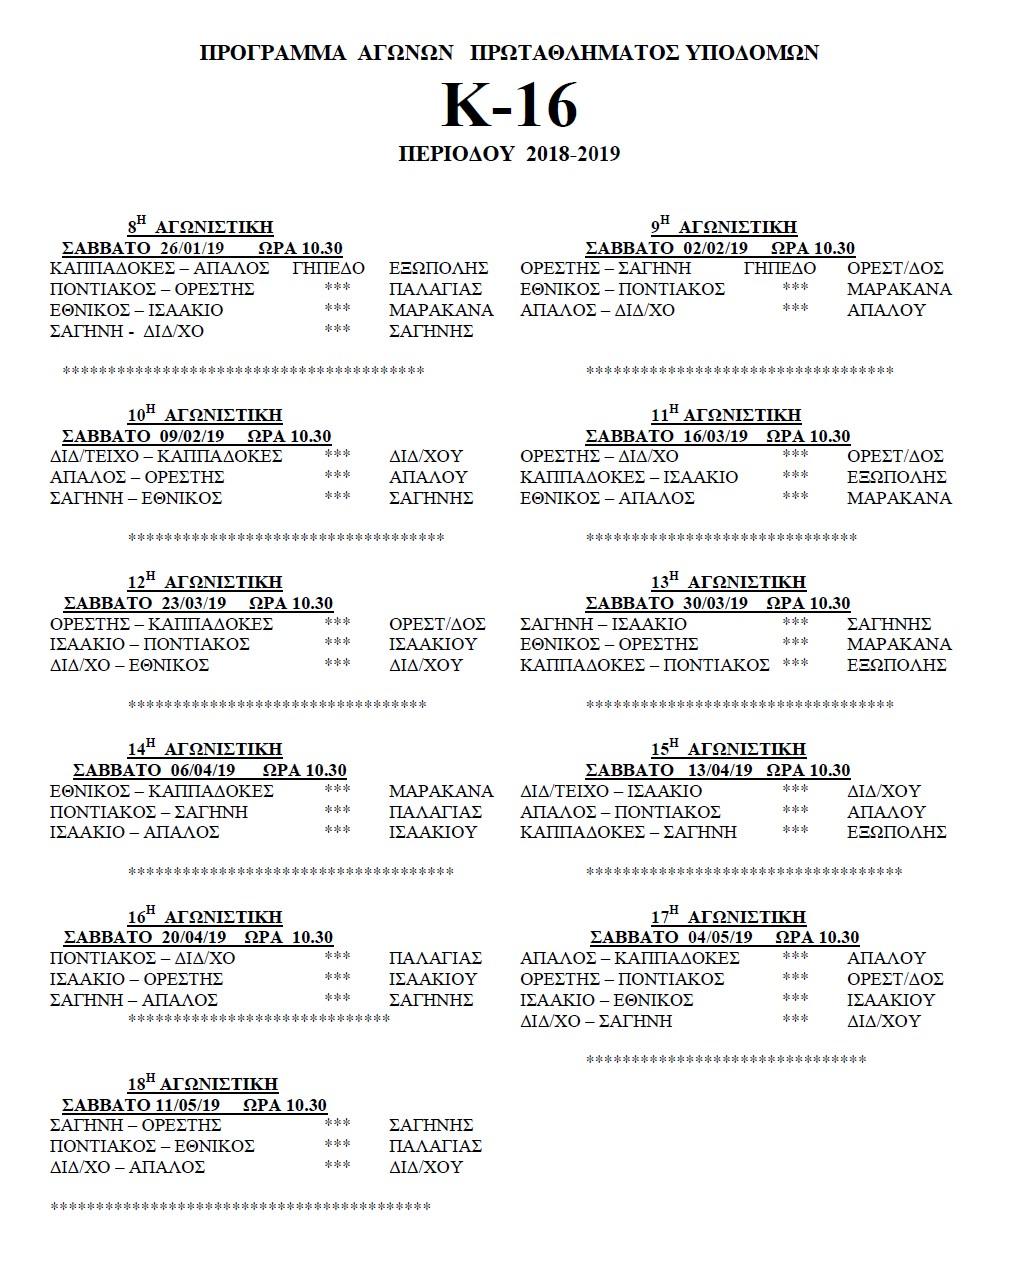 ΠΡΟΓΡΑΜΜΑ ΑΓΩΝΩΝ ΠΡΩΤΑΘΛΗΜΑΤΟΣ ΥΠΟΔΟΜΩΝ Κ-16 ΠΕΡΙΟΔΟΥ 2018-2019